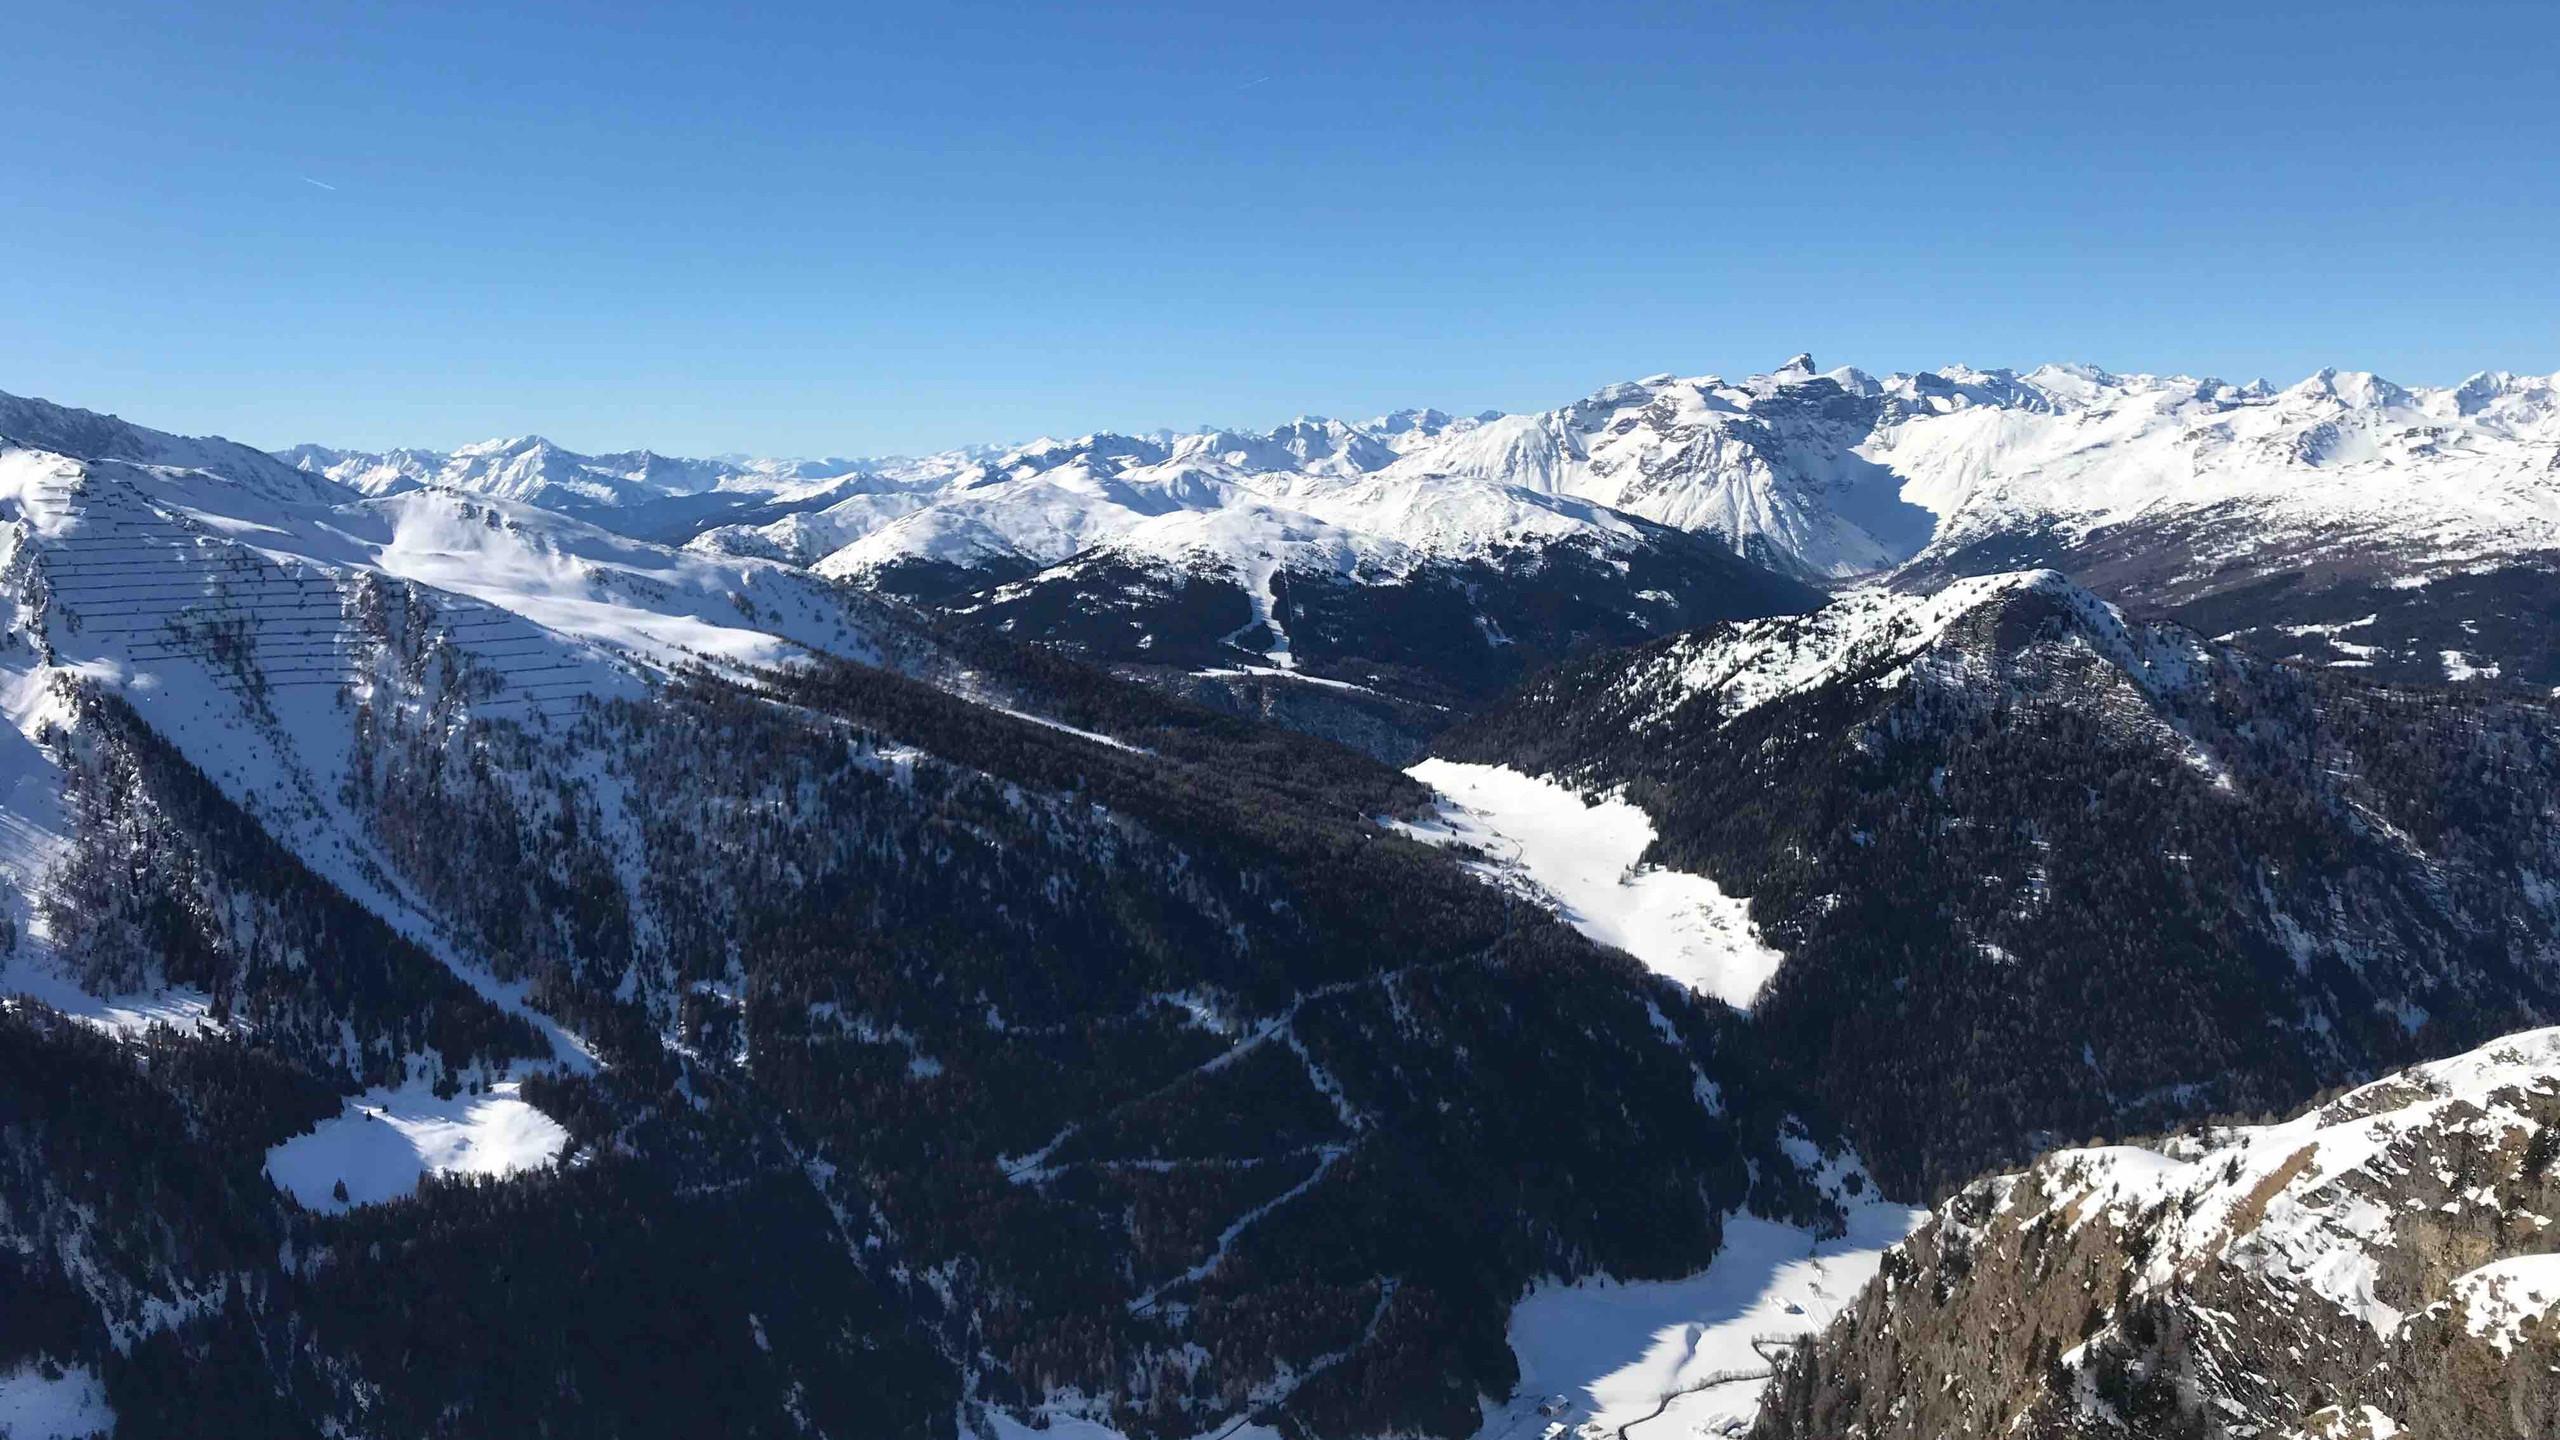 Ausblick am Gipfel, Skitour Riepenspitze